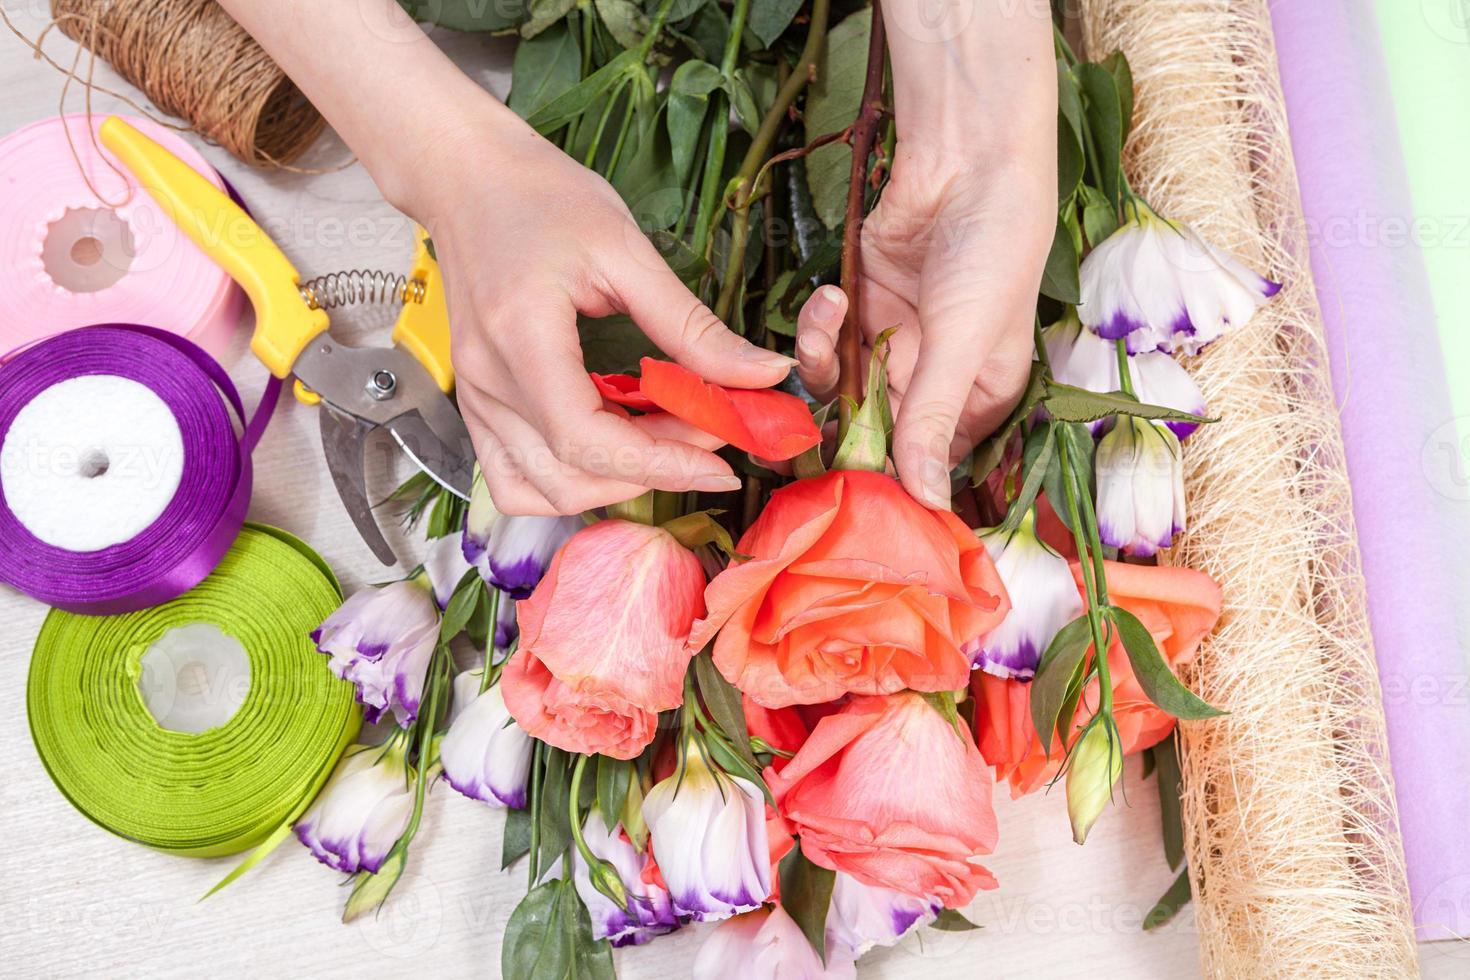 florista no trabalho com flores foto